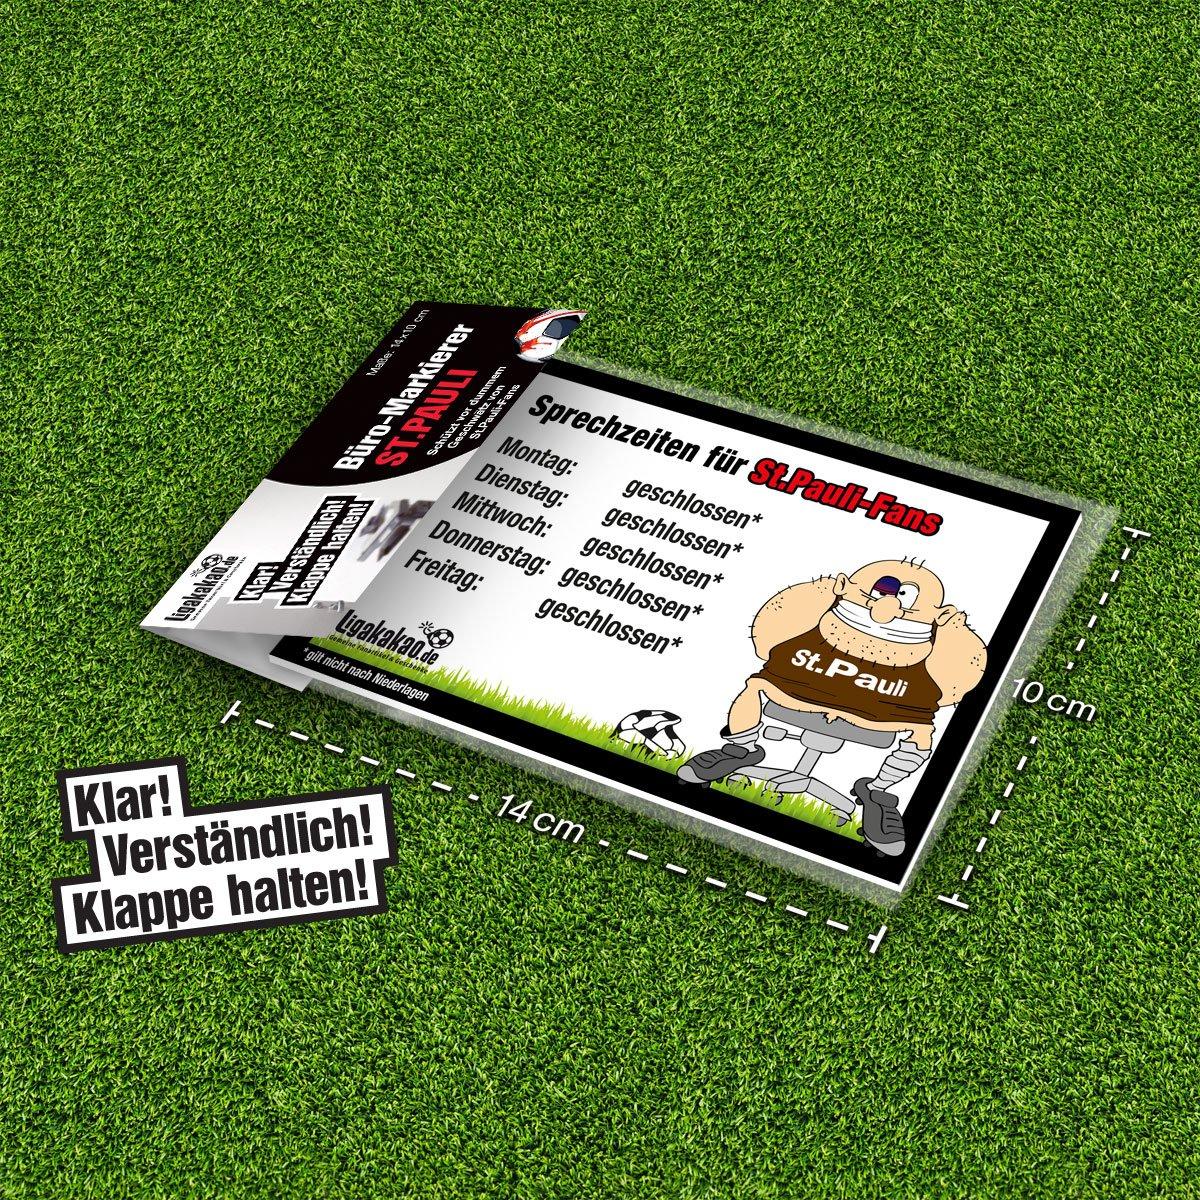 Eingangs- /& T/ür-Schild B/üro-Abwehrschild Bremen Sch/ützt den Arbeitsplatz von HSV- St.Pauli- /& Allen Fu/ßball-Fansvor verirrten Bremen-Fans /Öffnungszeiten Sprechzeiten-